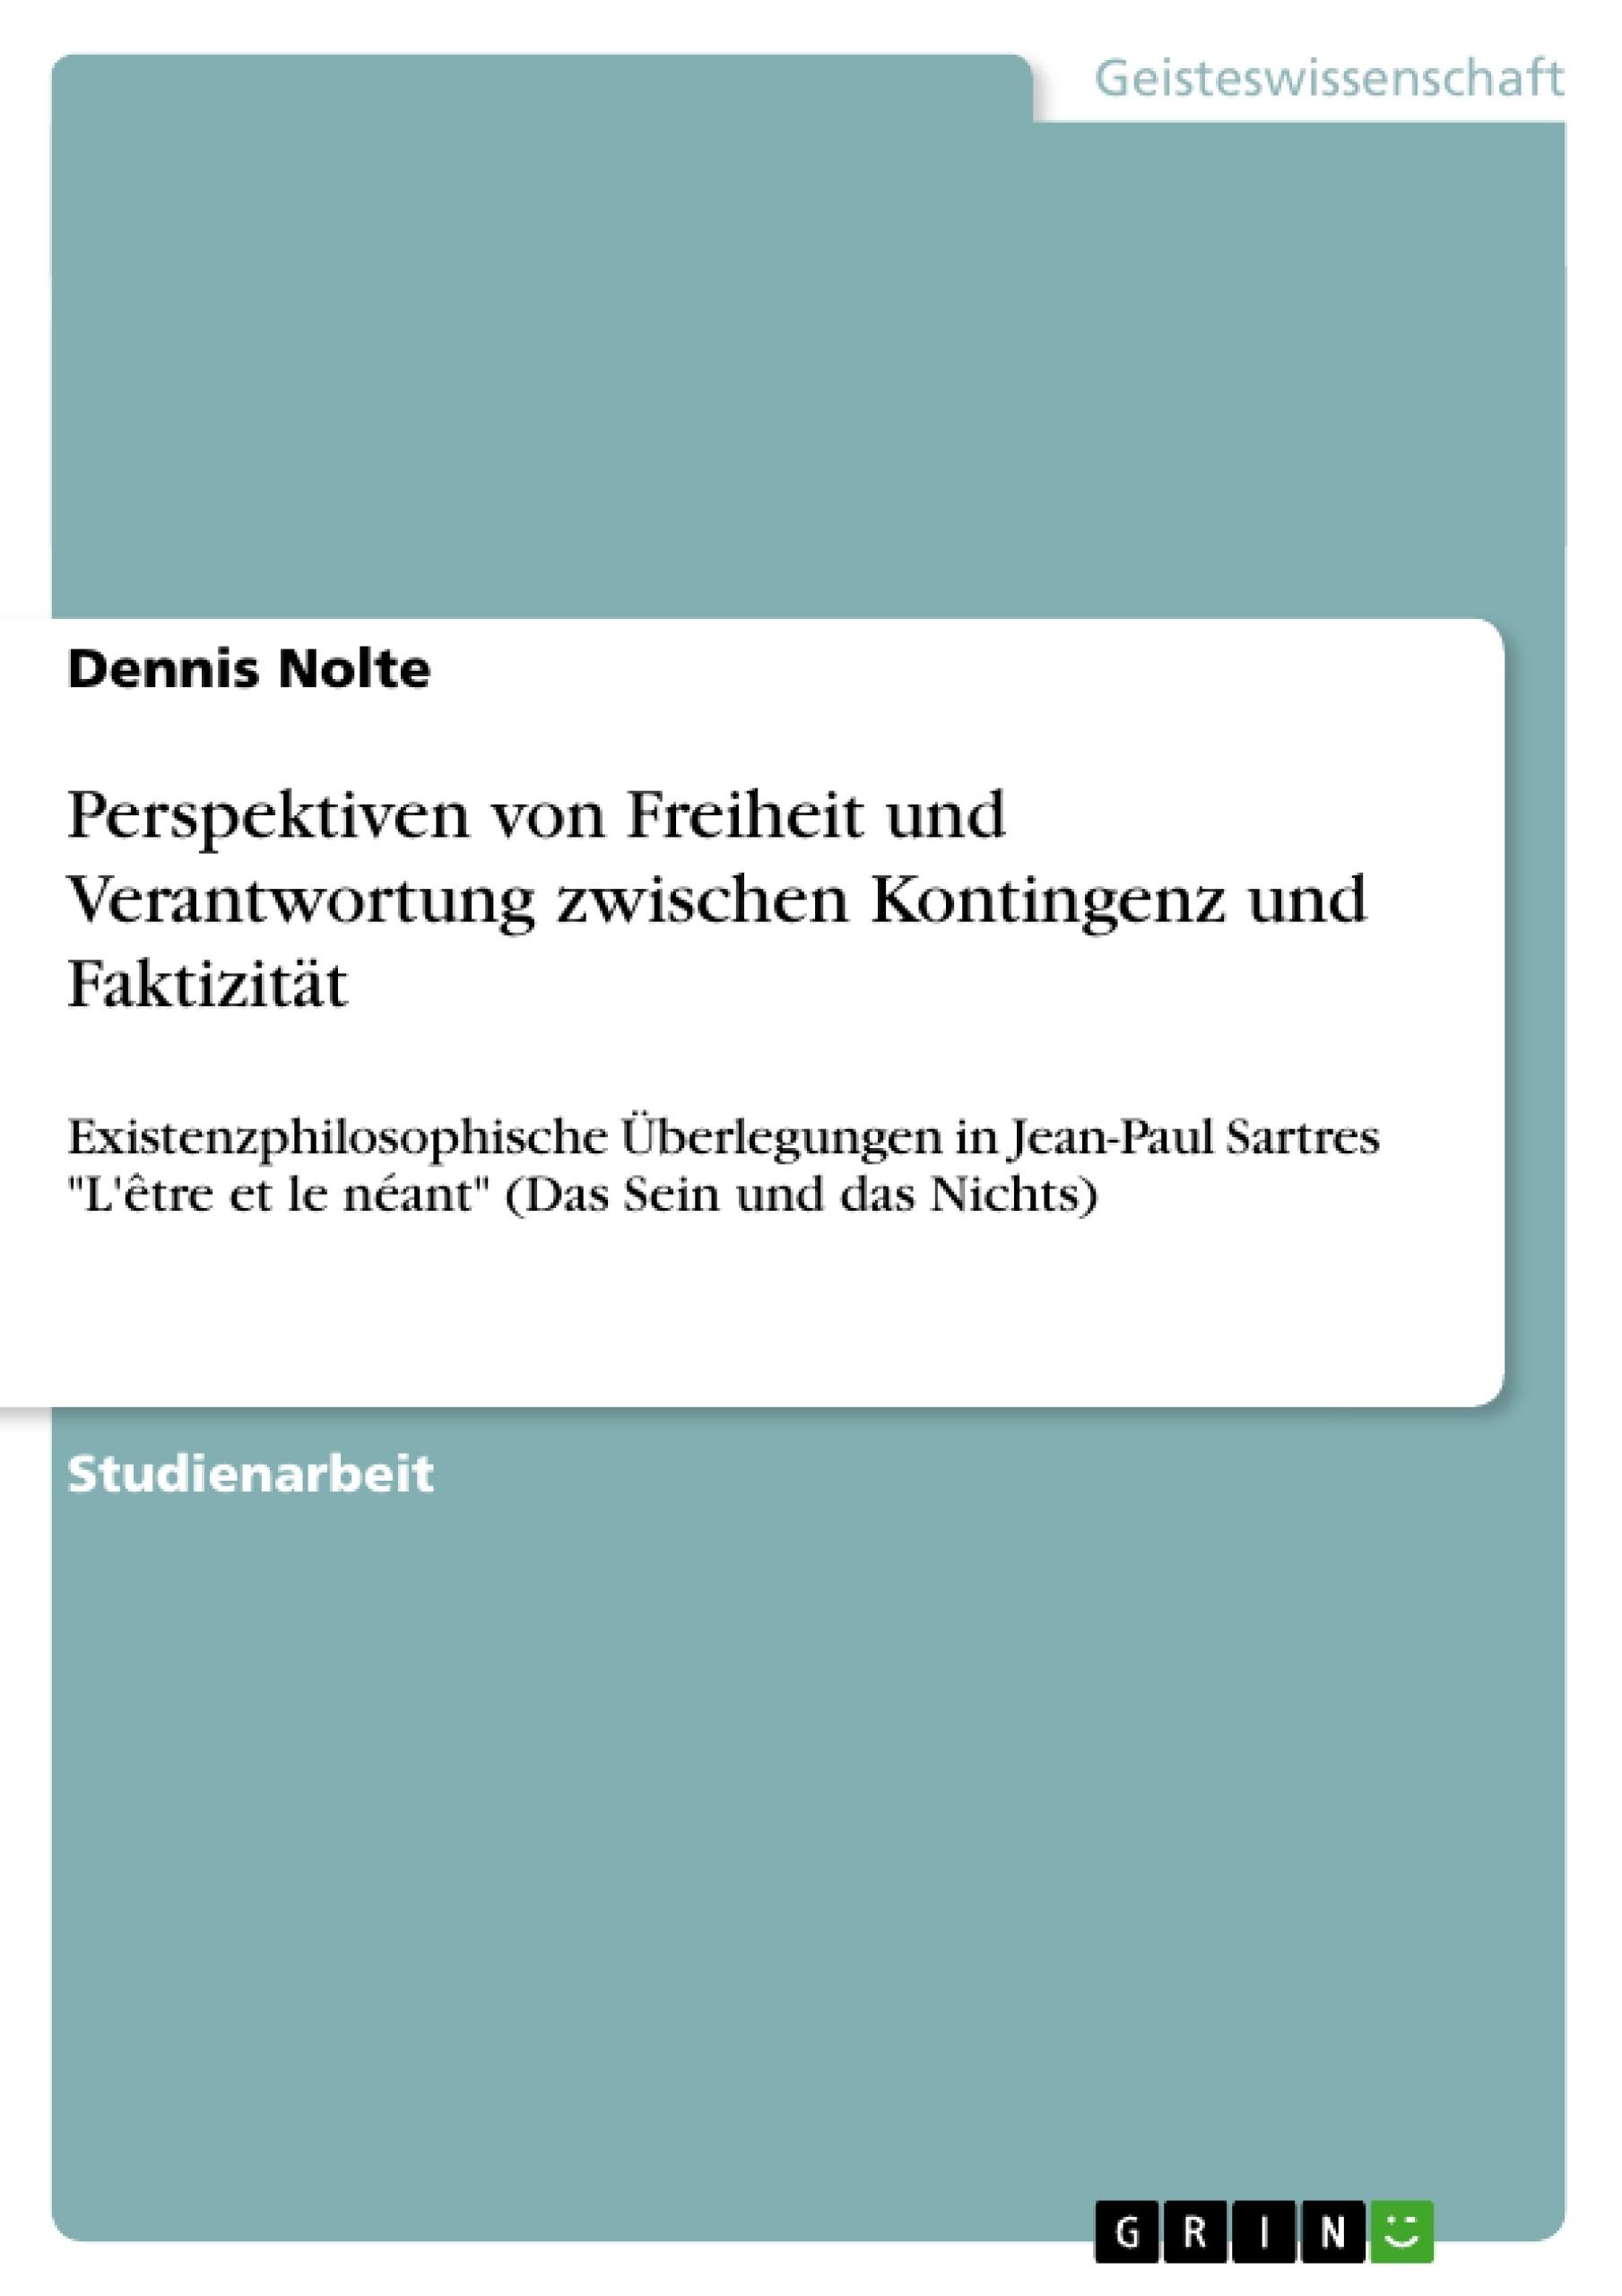 Titel: Perspektiven von Freiheit und Verantwortung zwischen Kontingenz und Faktizität